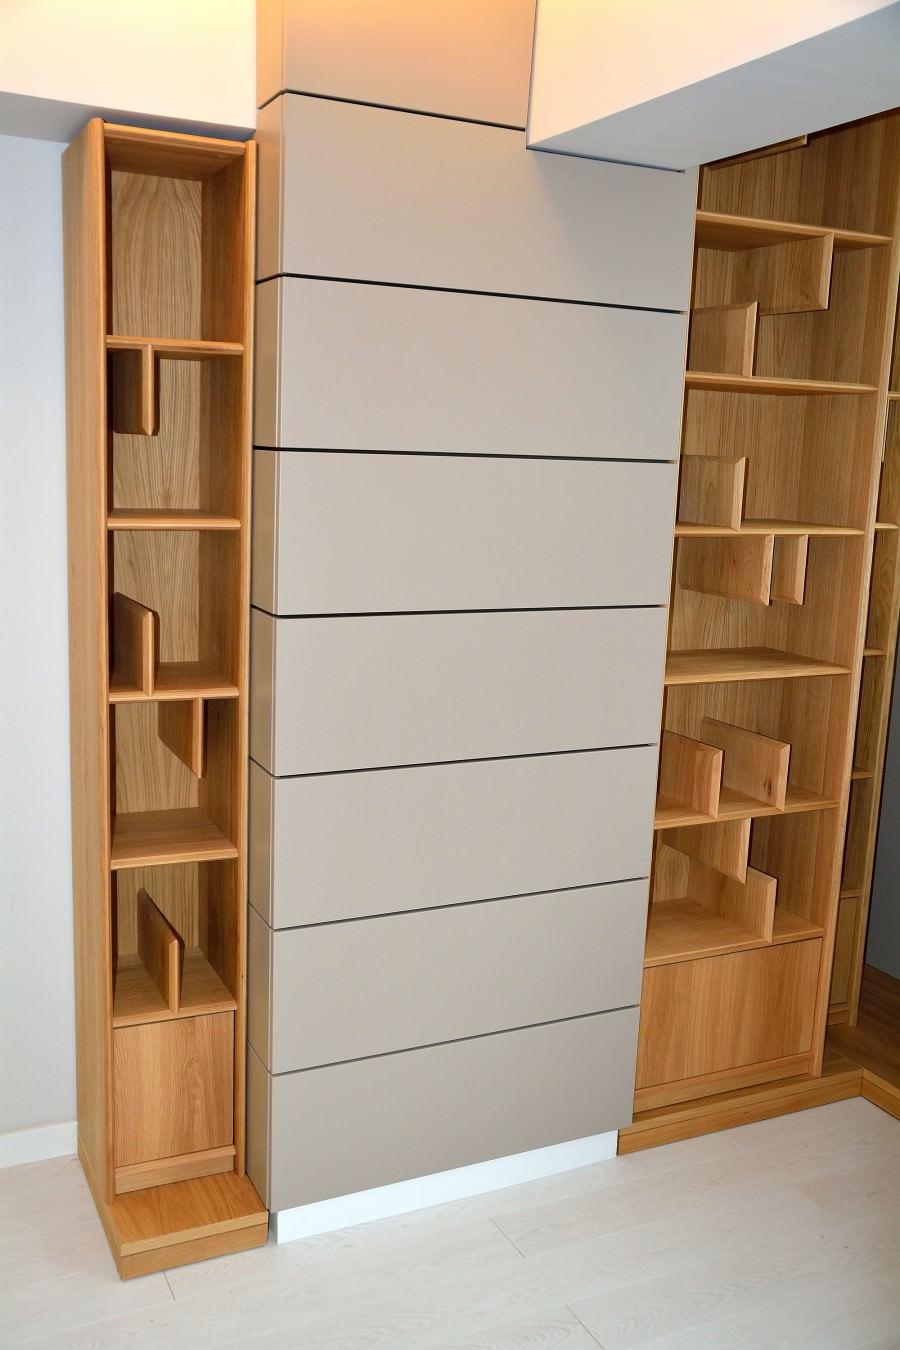 Biblioteca moderna realizata din lemn masiv stejar natur cu placari perete din Mdf Vopsit Mat Gri 900x1350 1